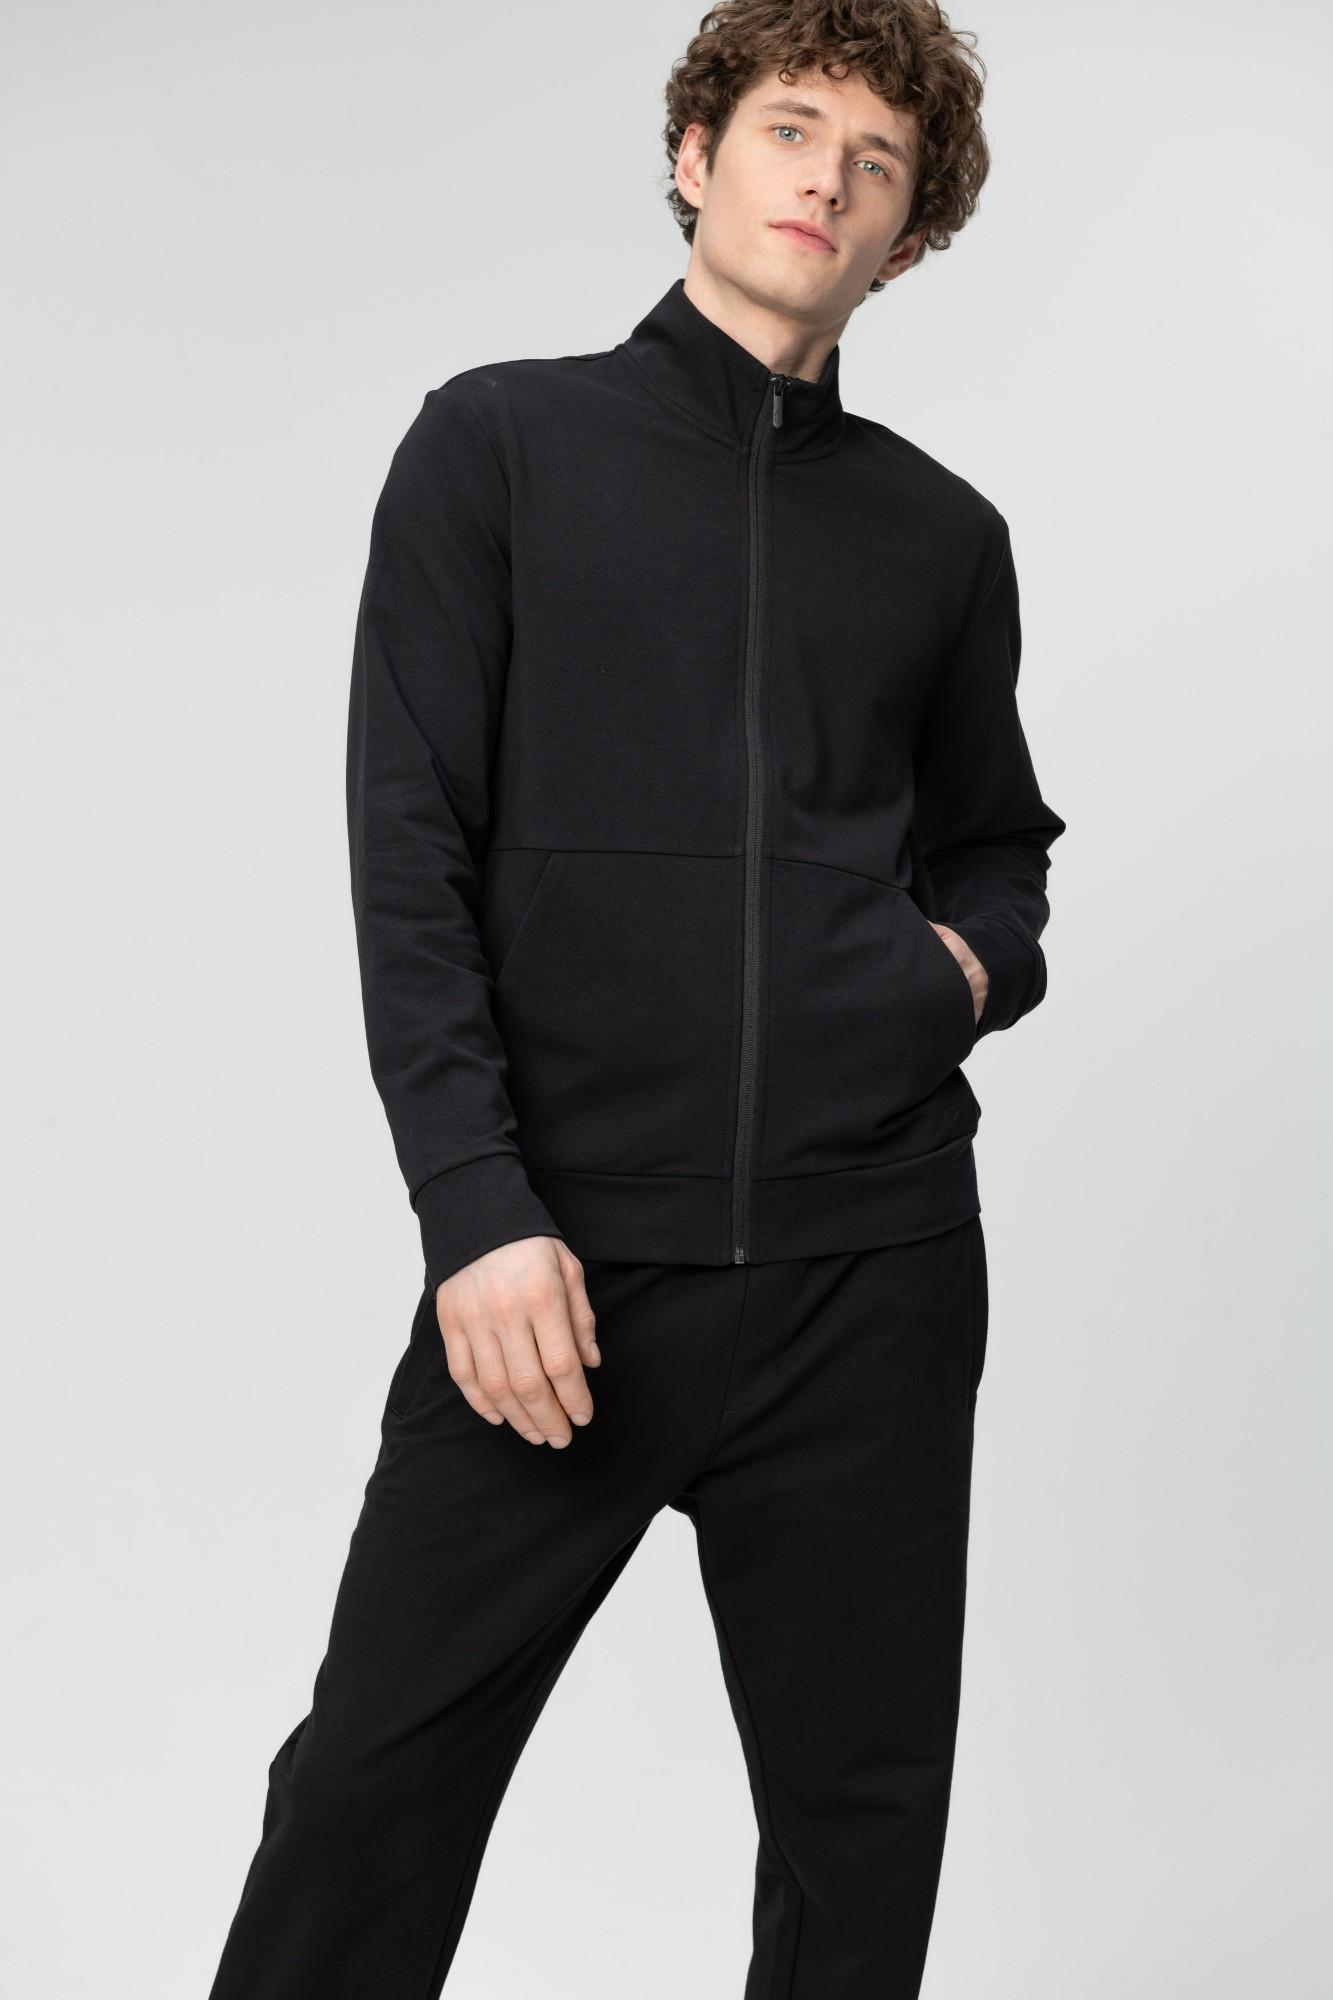 AUDIMAS Atsegamas medvilninis džemperis 2011-462 Black M